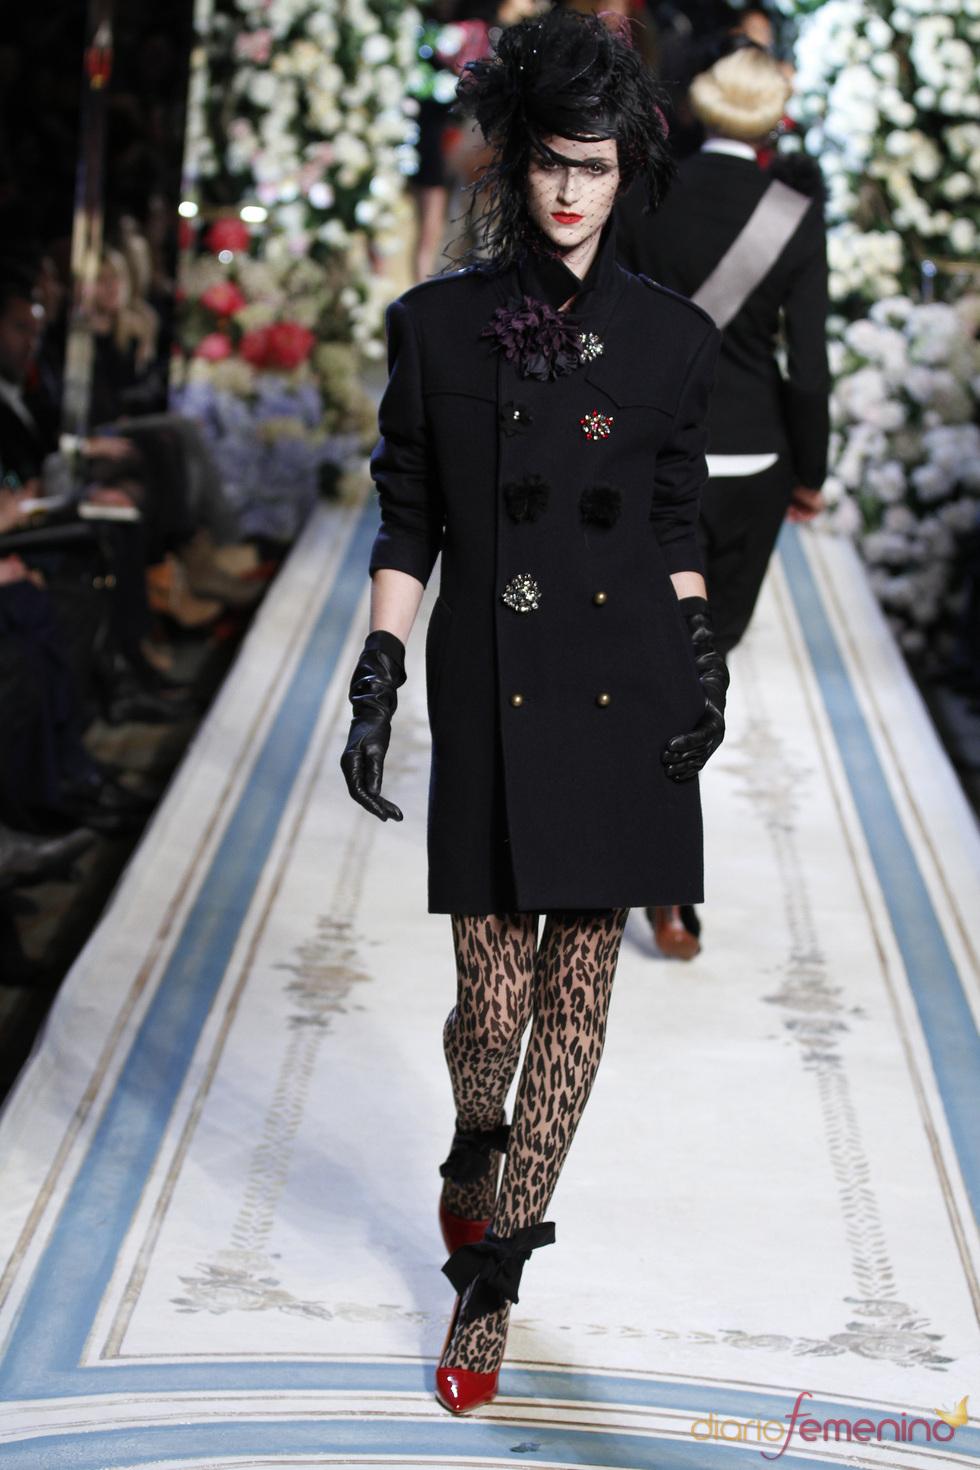 Abrigo con espectaculares broches de Lavin para H&M